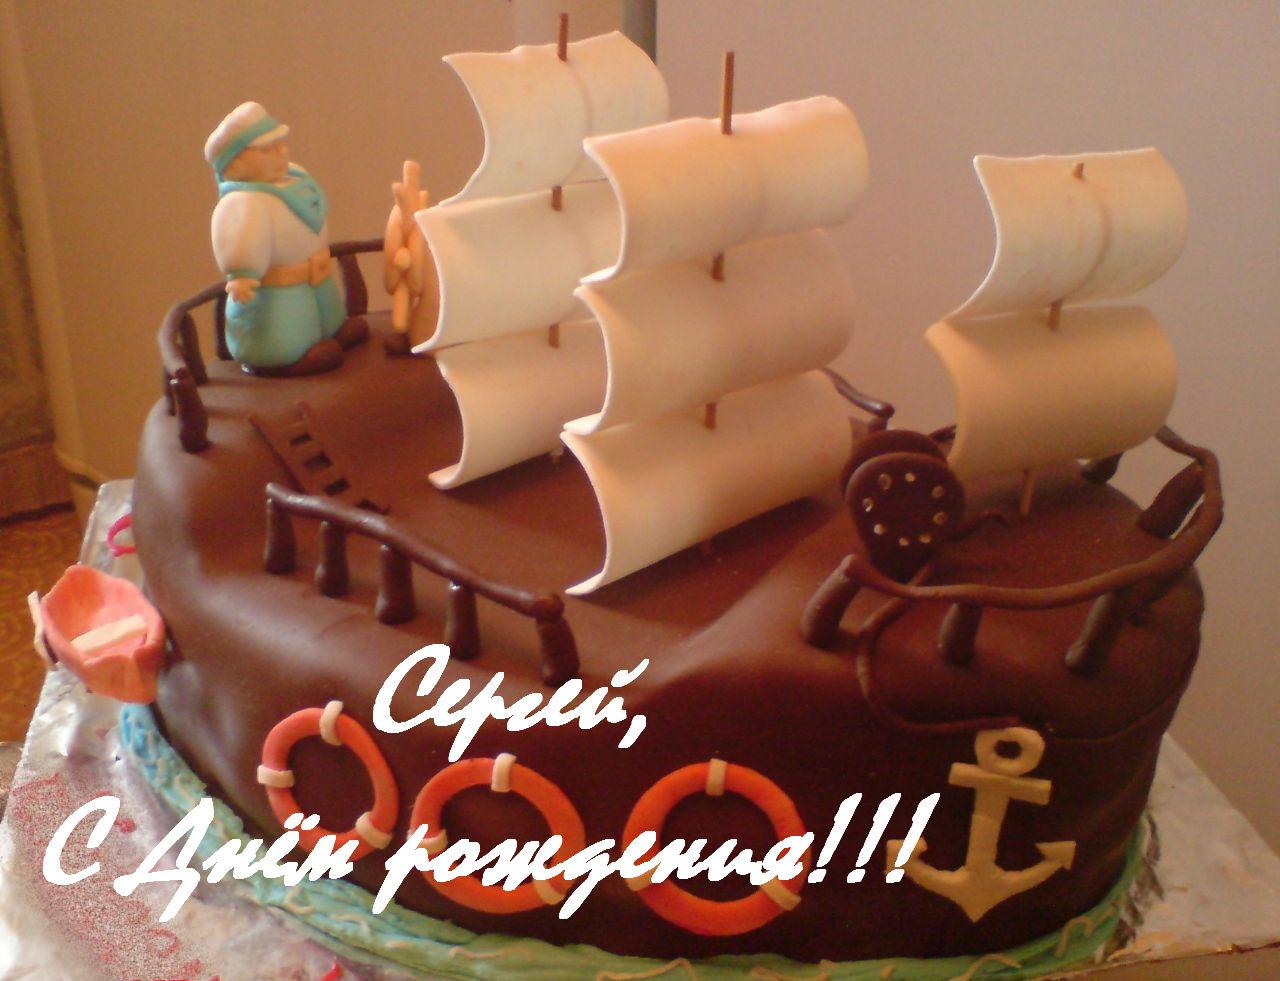 Поздравления Сергею с днем рождения - Поздравок 85